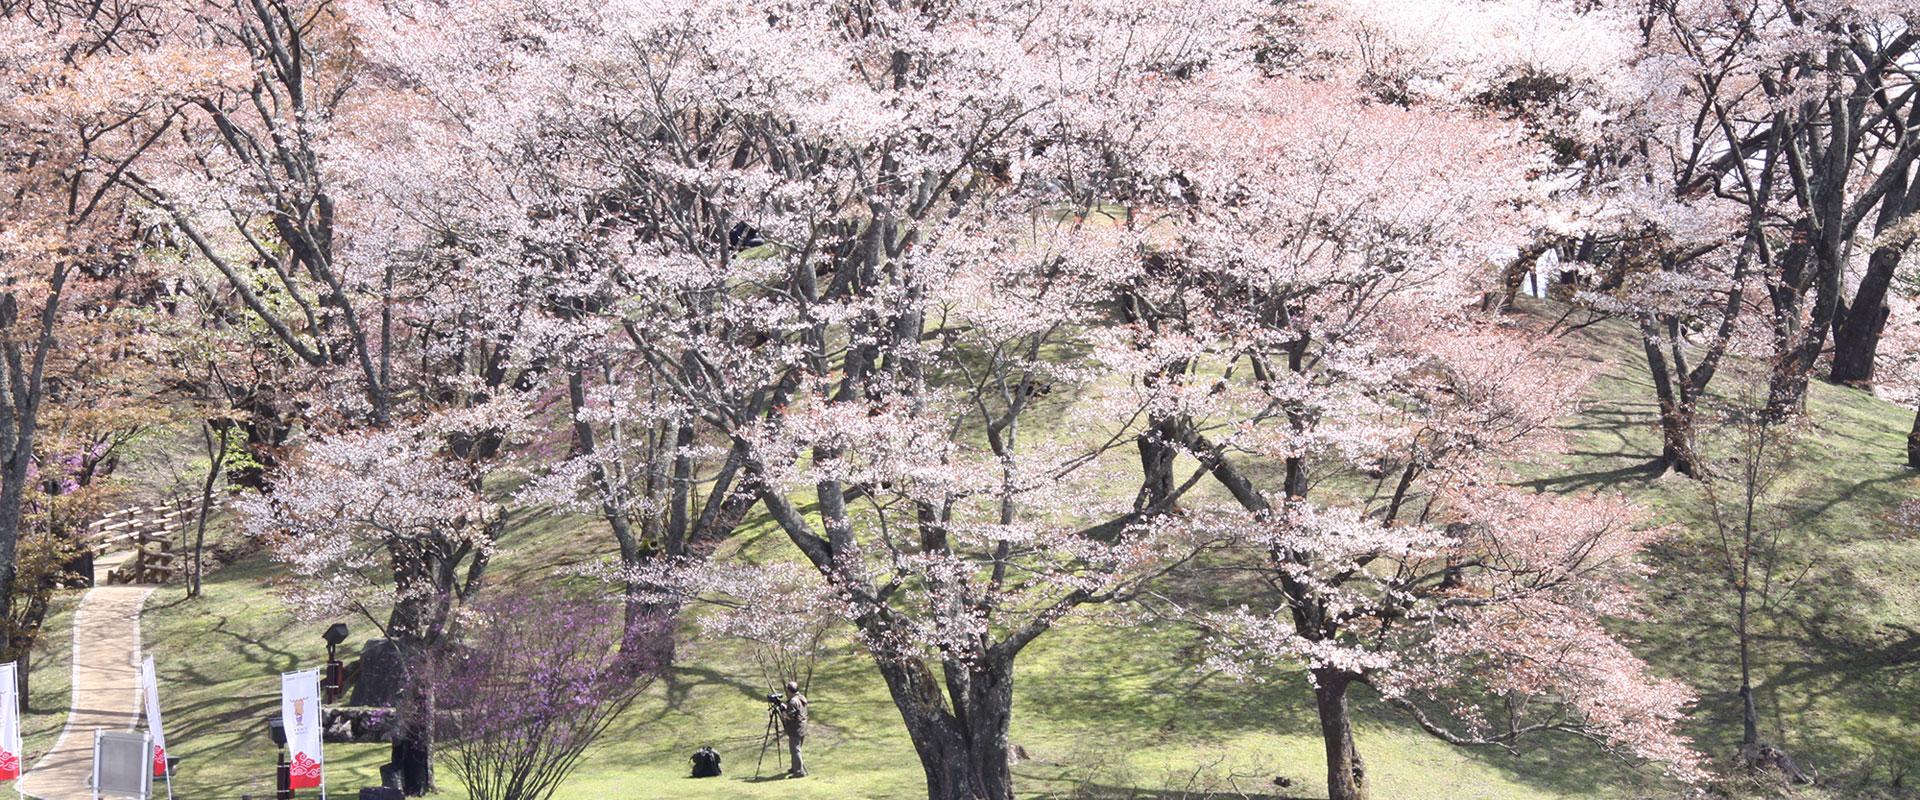 More than 100 wild mountain cherry trees